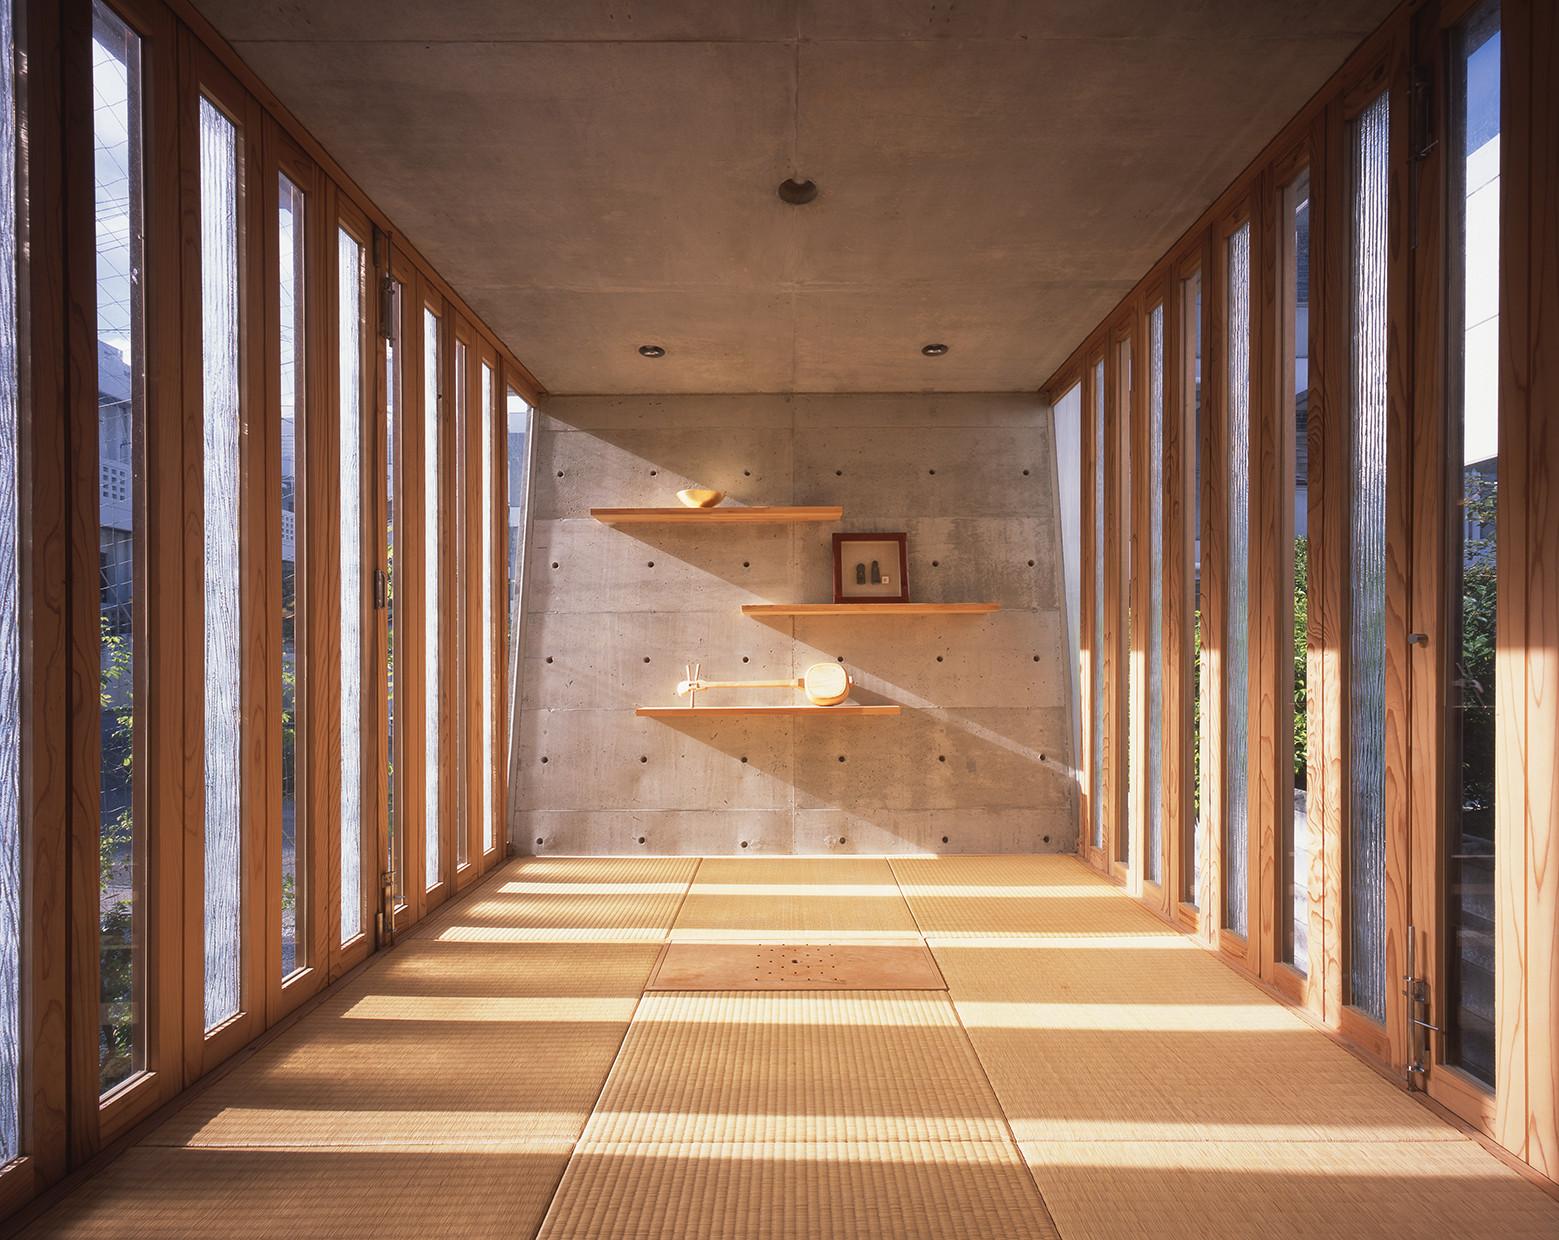 Gallery of ma of wind ryuichi ashizawa architect for Architect associates